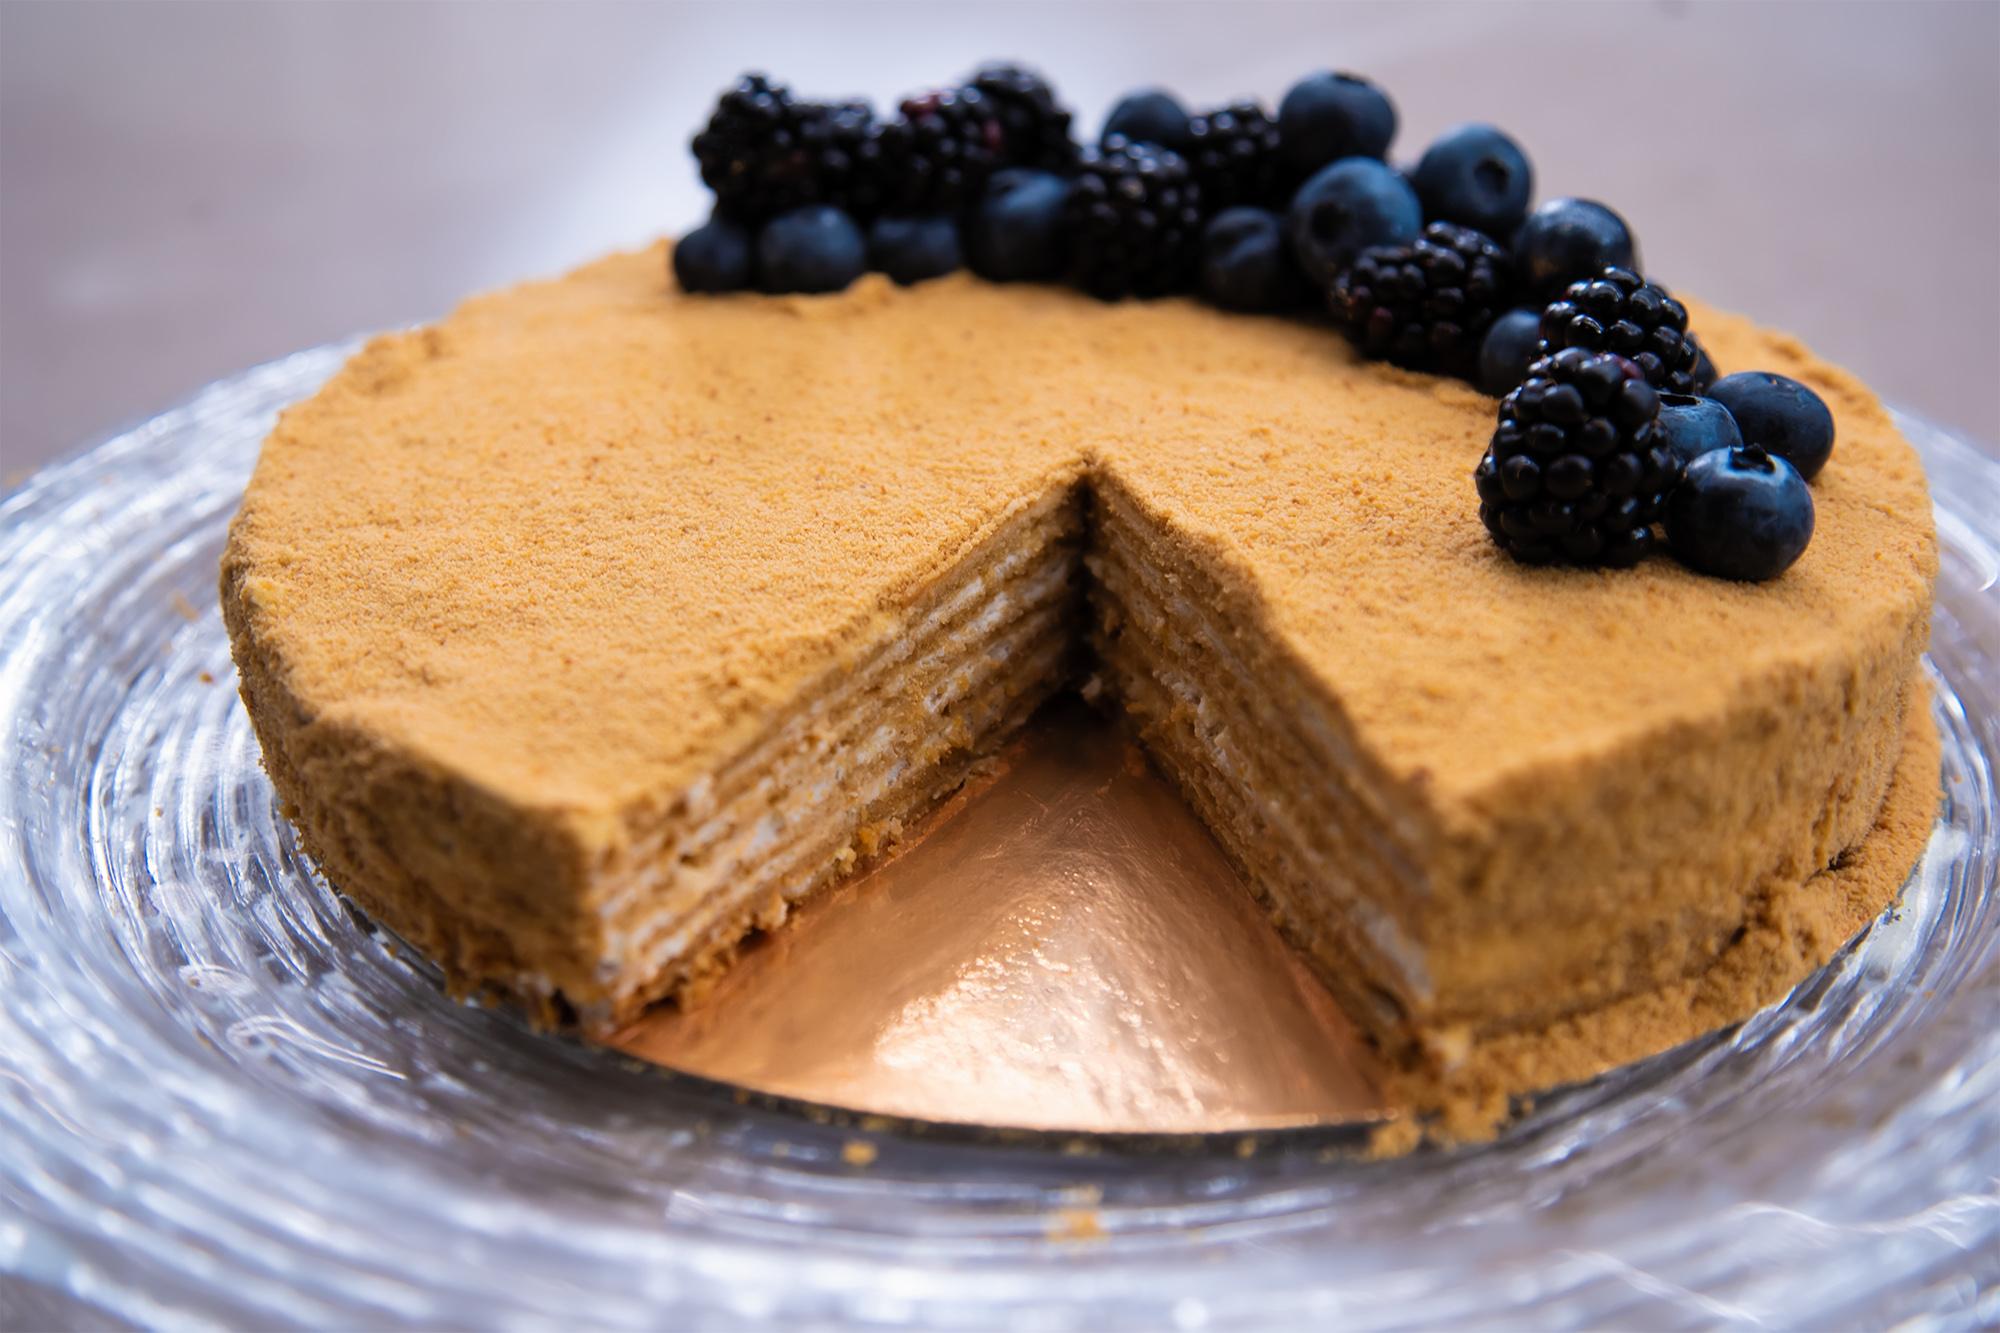 новая порода, торт медовый классический рецепт с фото пошагово одежды